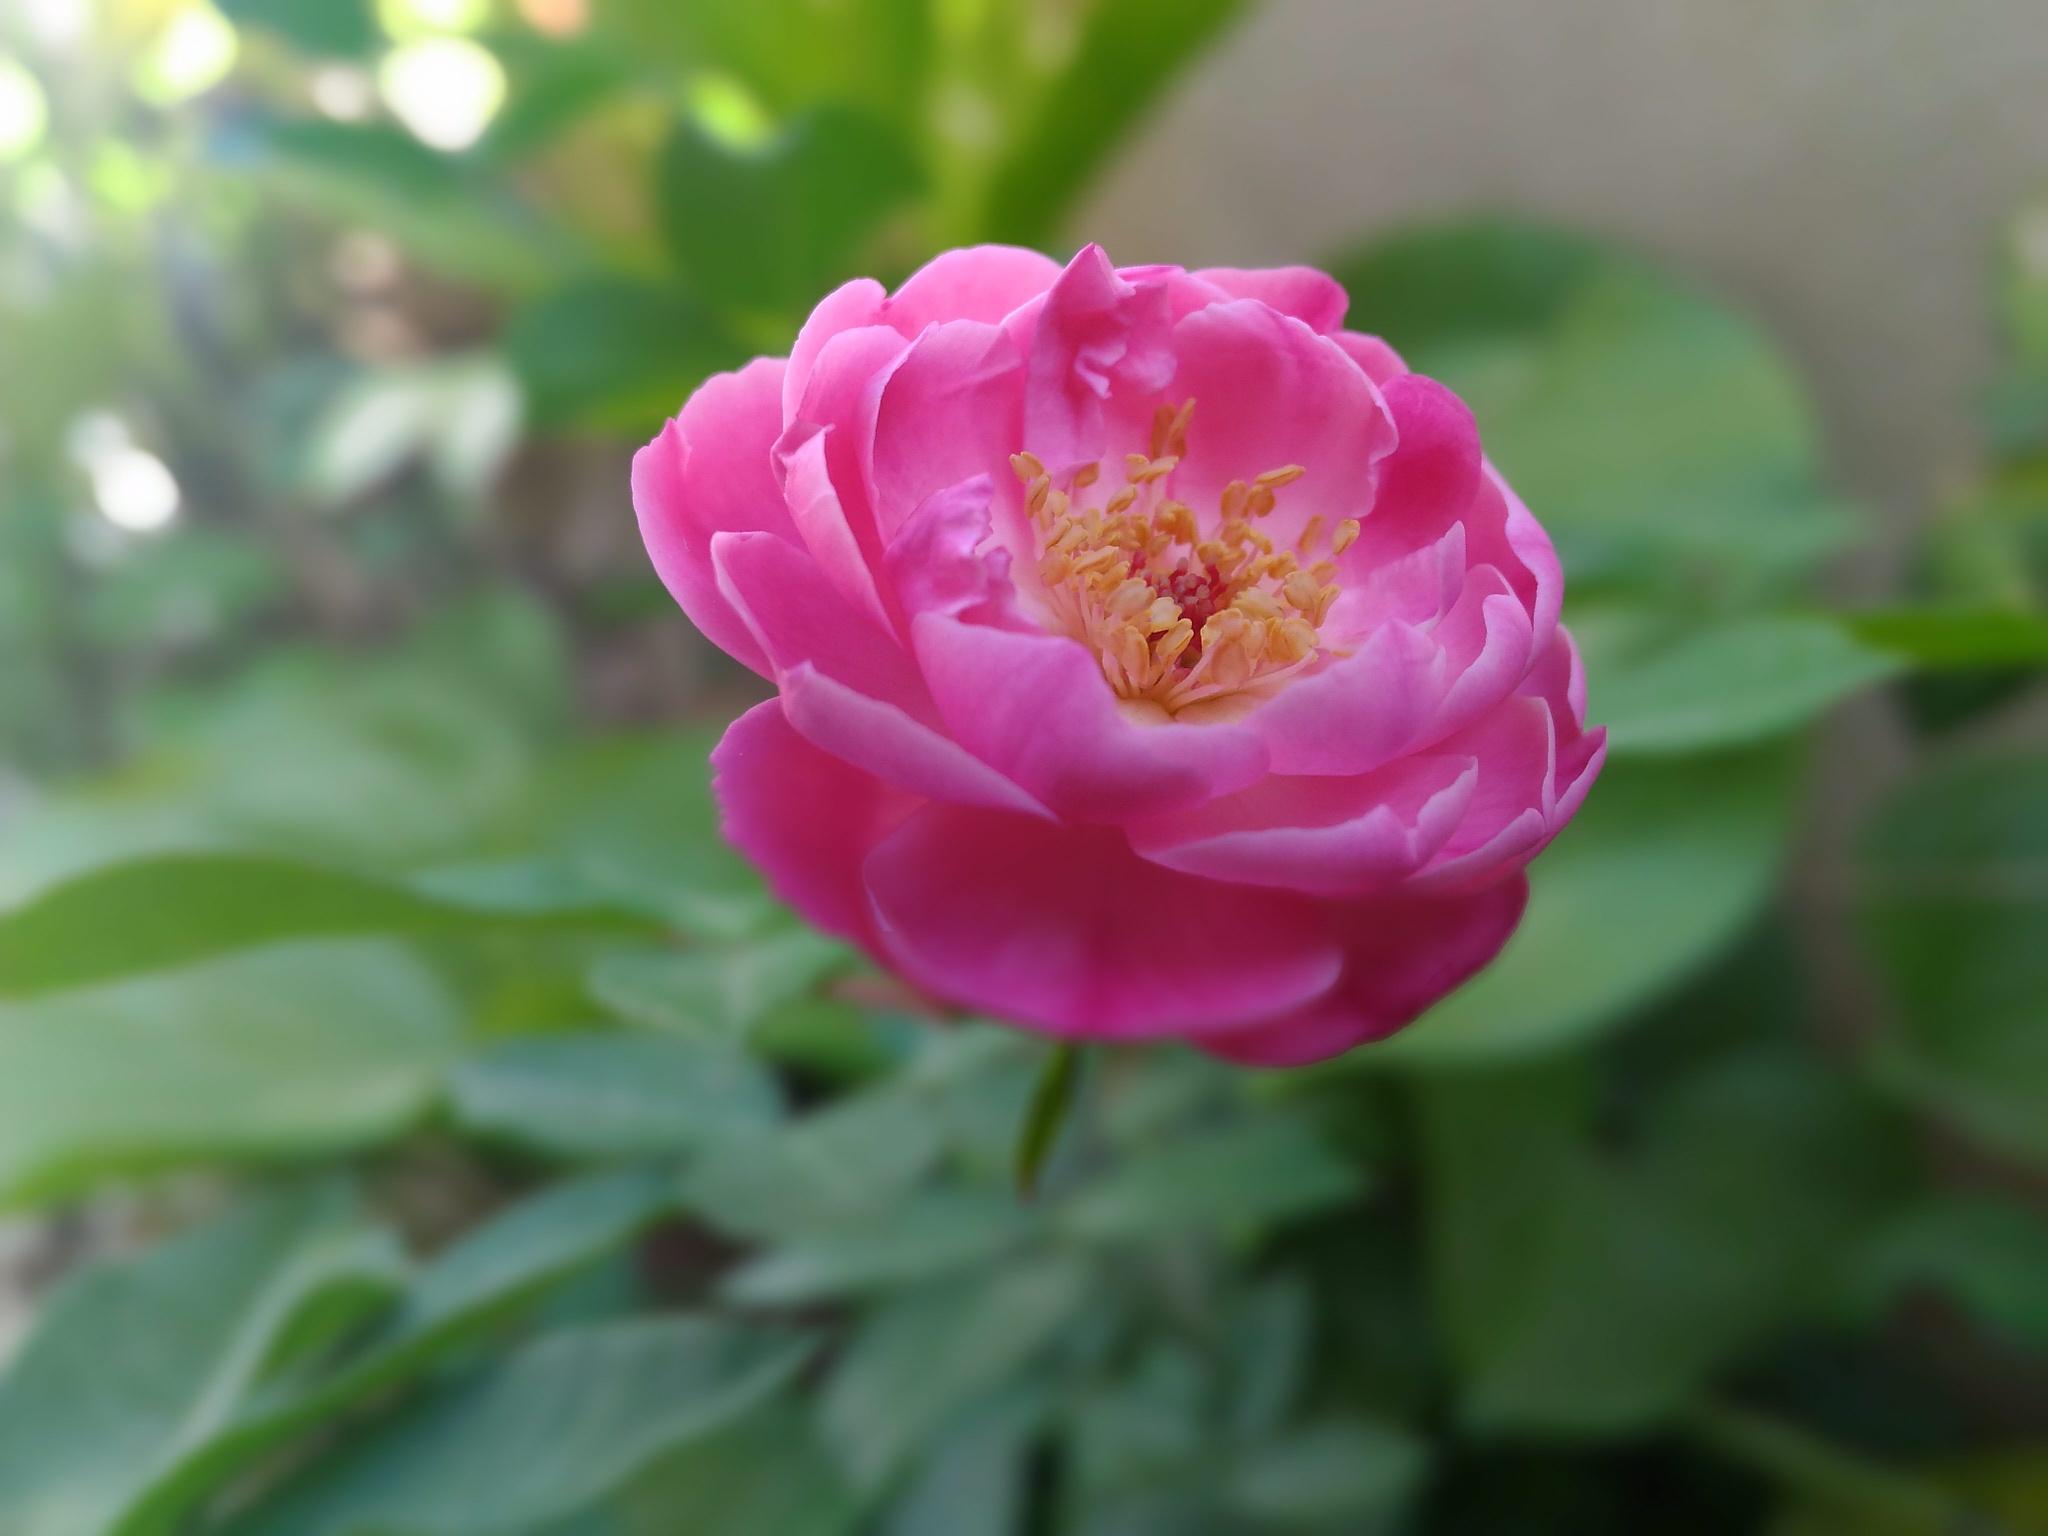 Rose by Basavaraj D.S